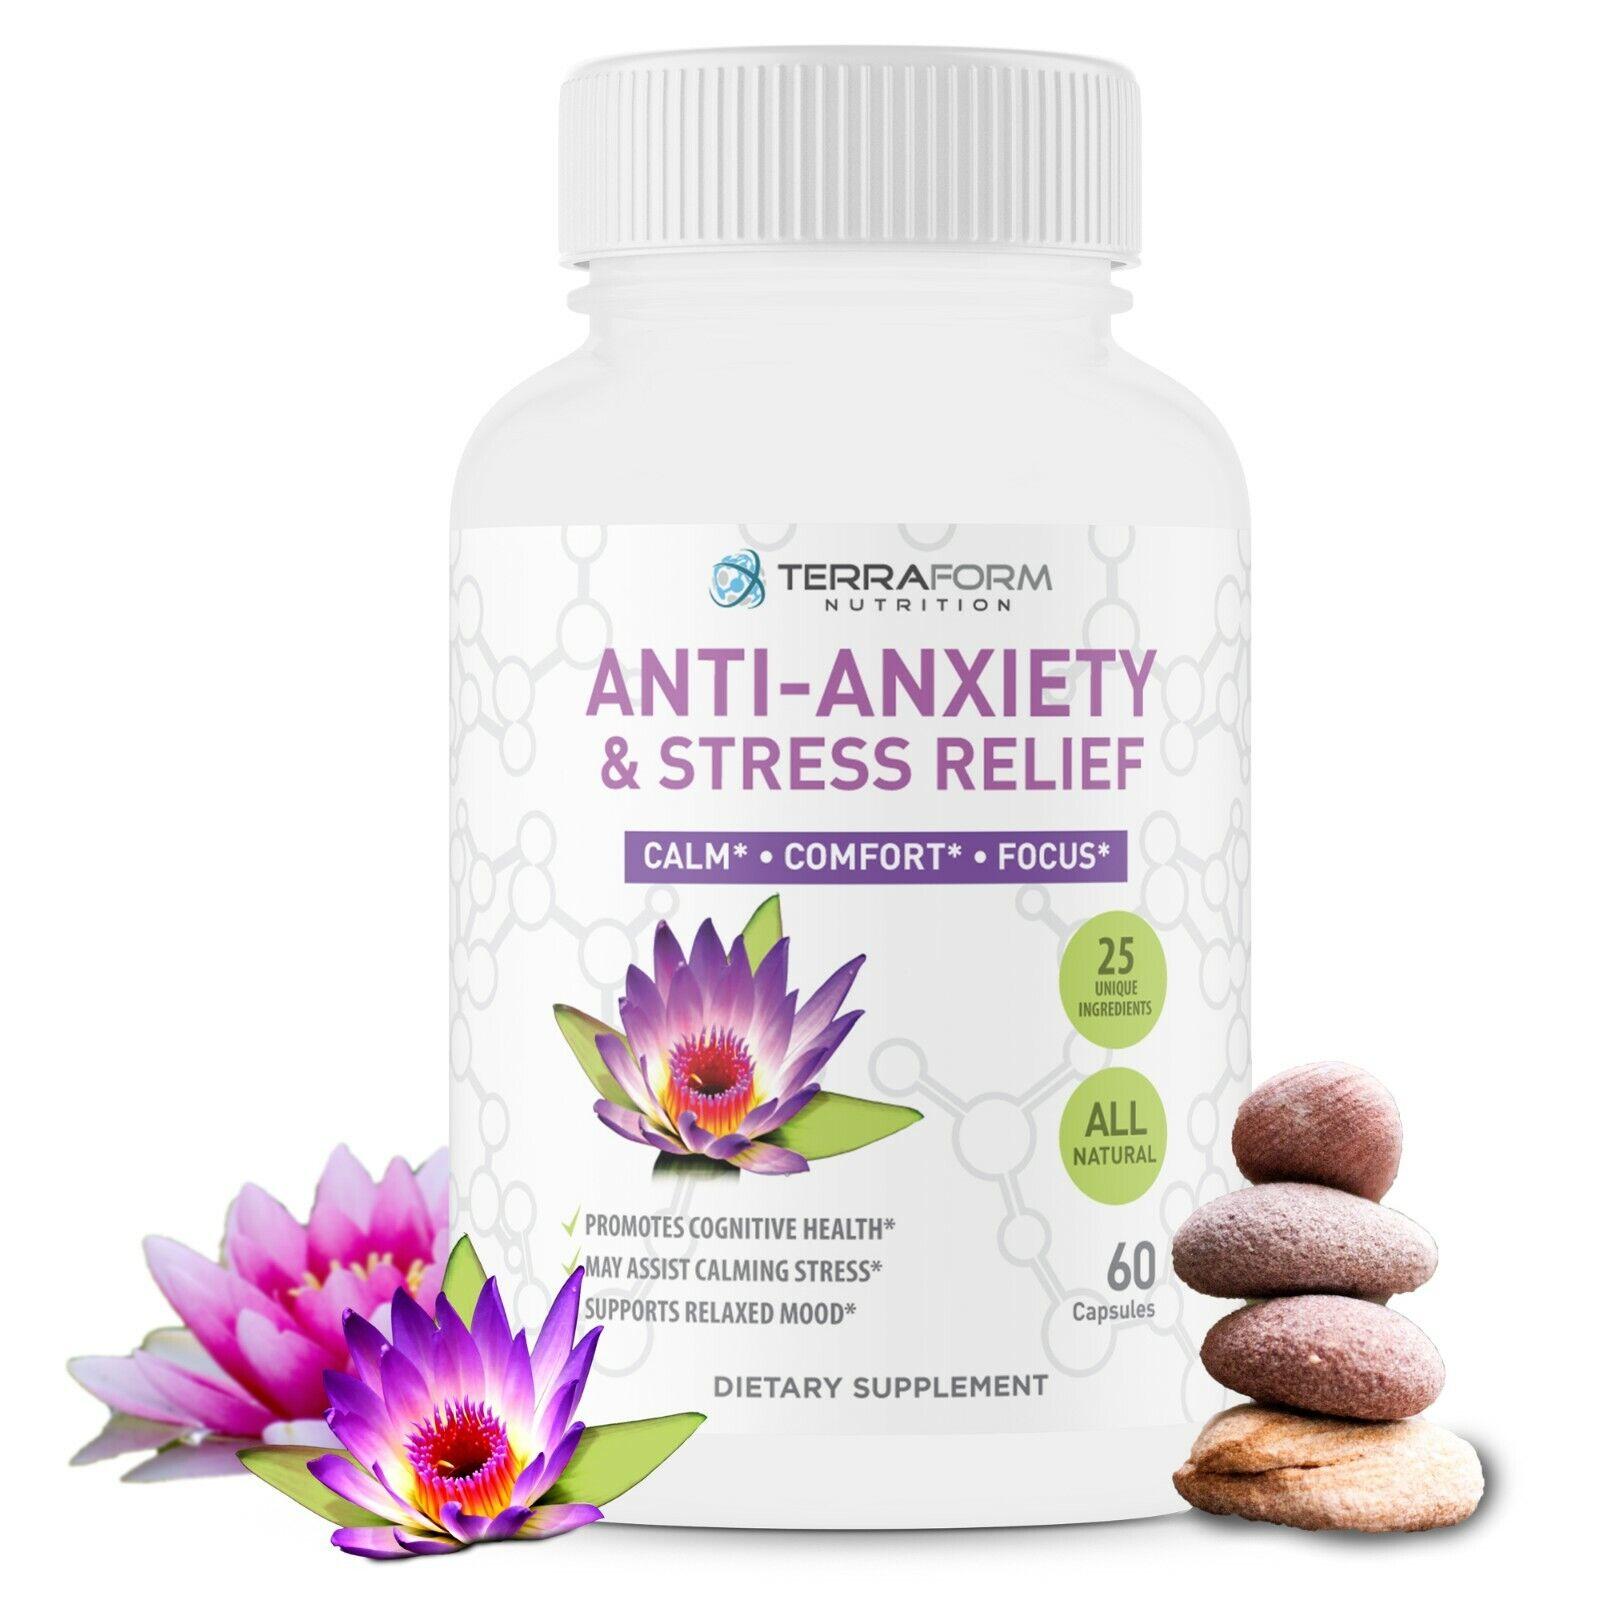 #1 Pastillas naturales para ayudar con la ansiedad el estres a relajarse